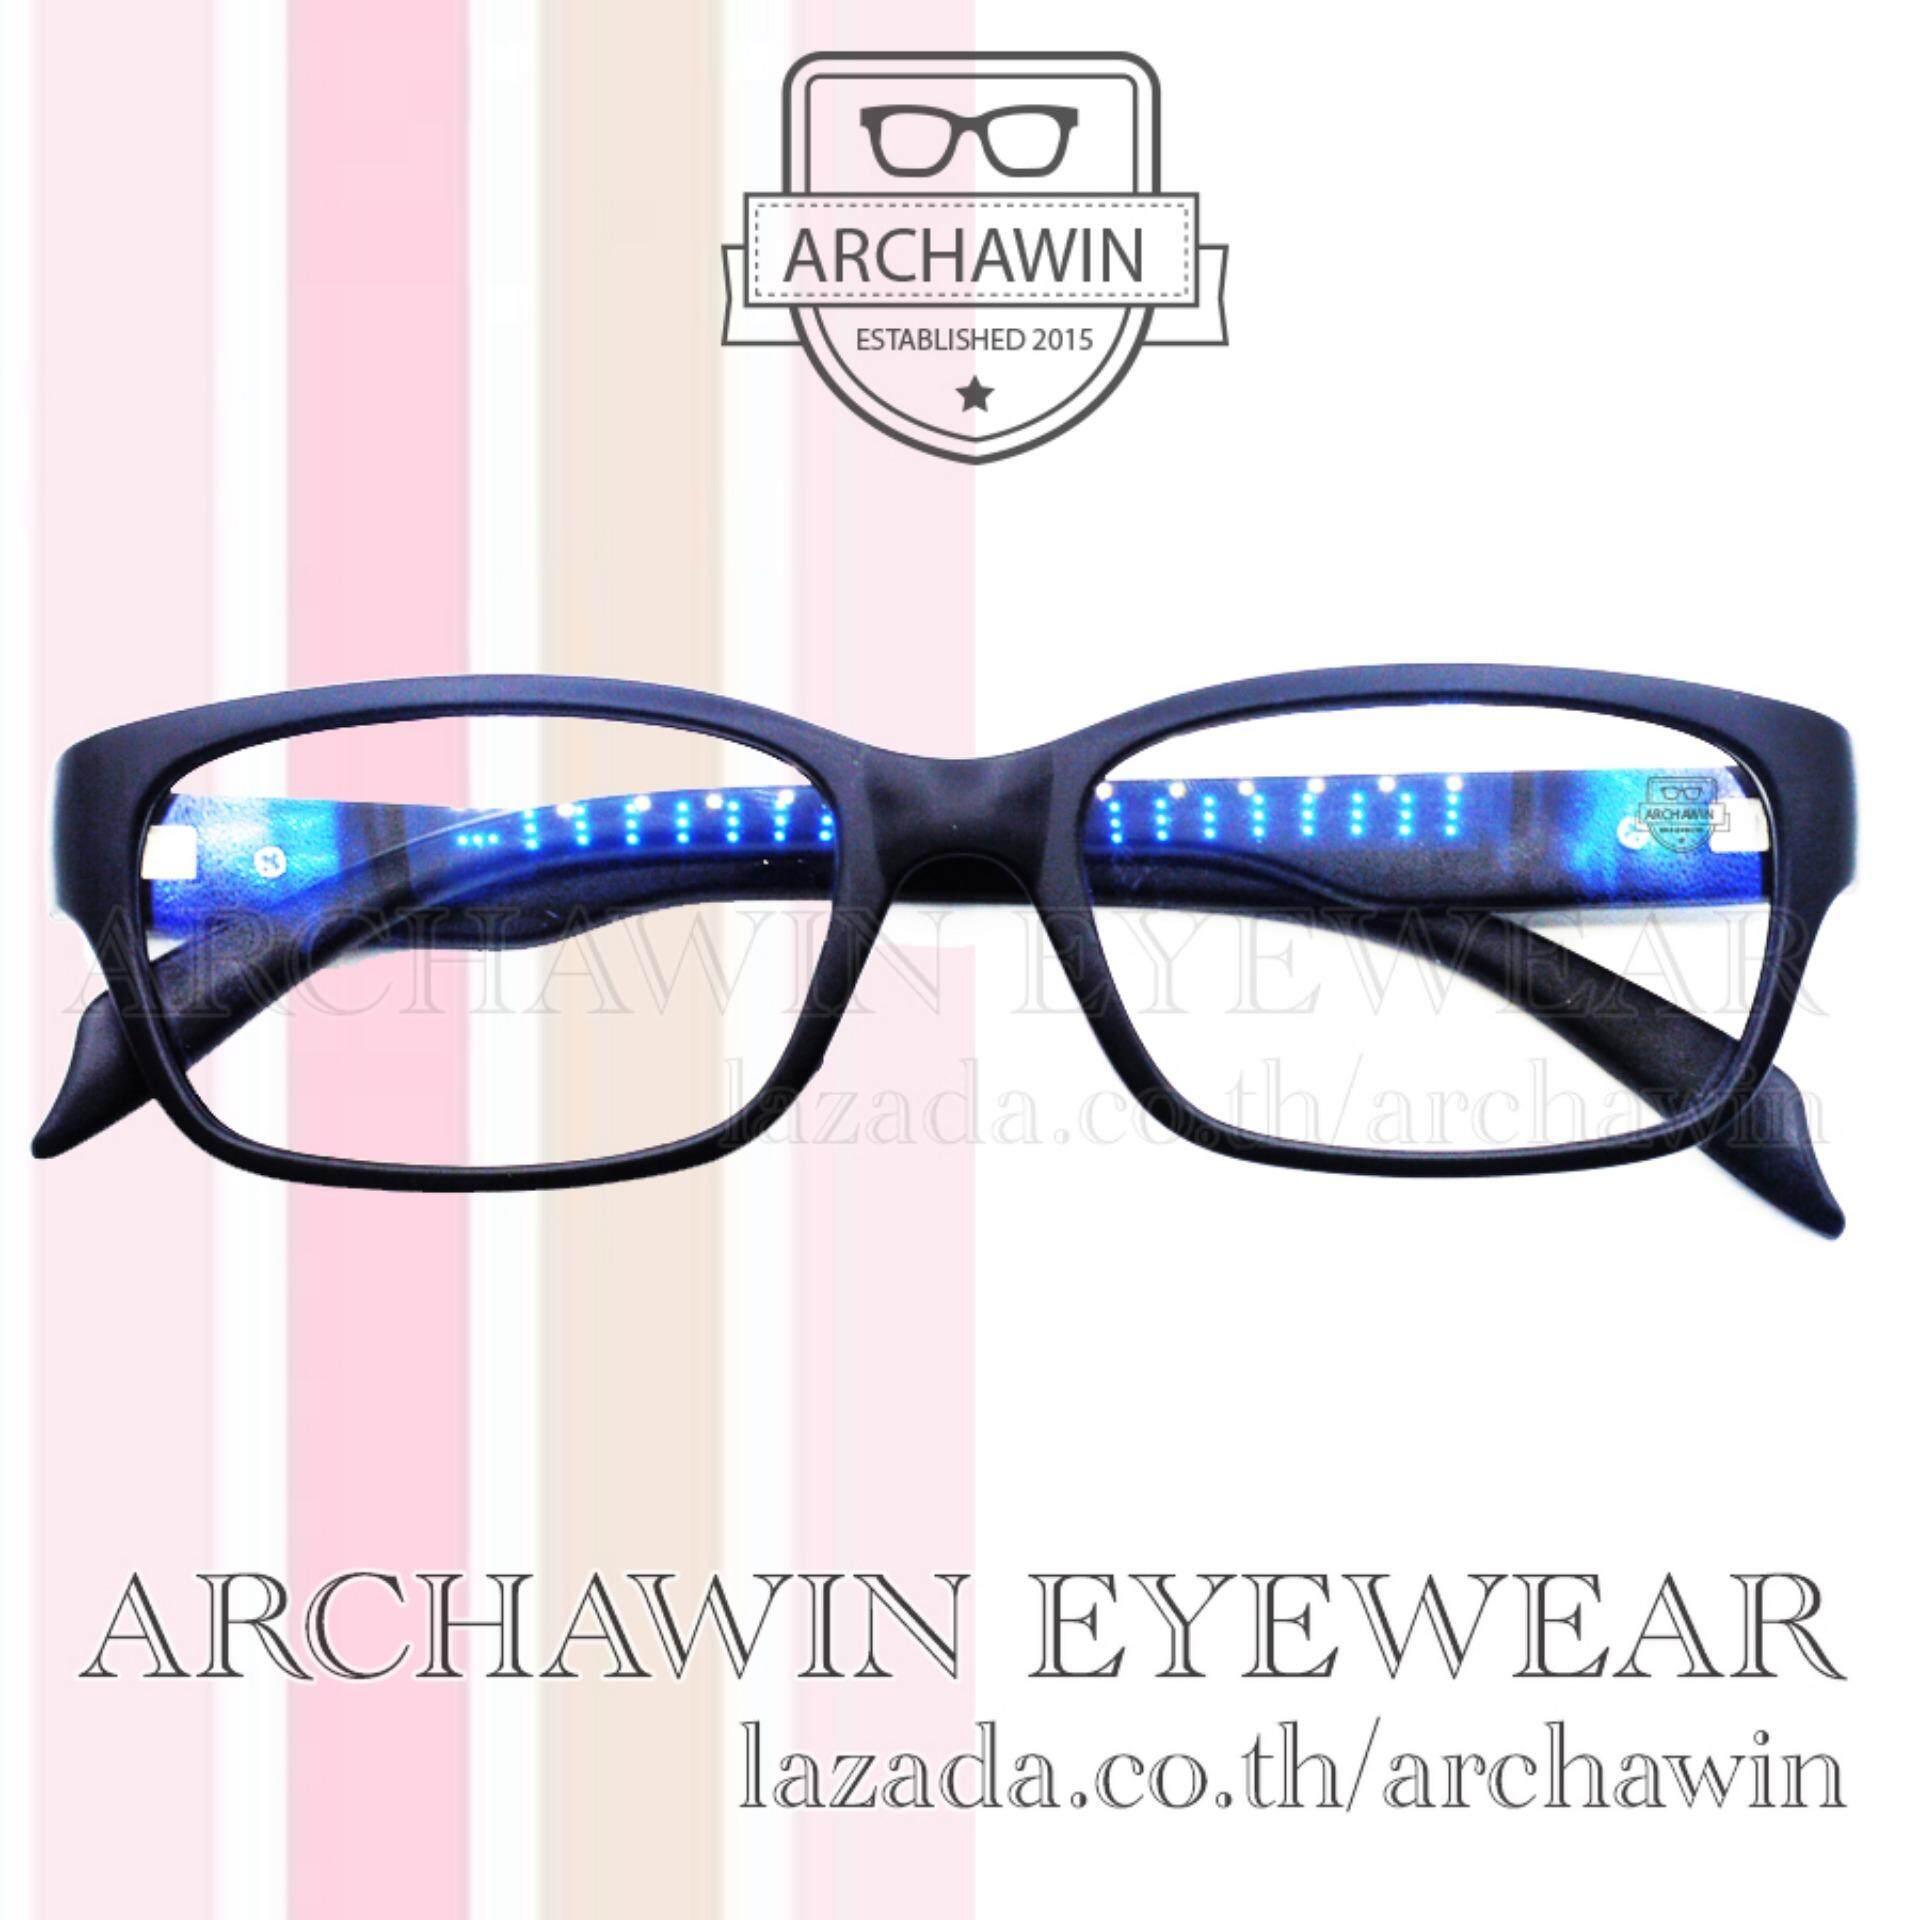 Image 2 for แว่นสายตา แว่นสายตาสั้น ทรงสี่เหลี่ยม พร้อมกรองแสงคอม รุ่น 1287 J1 ค่าสายตา -200